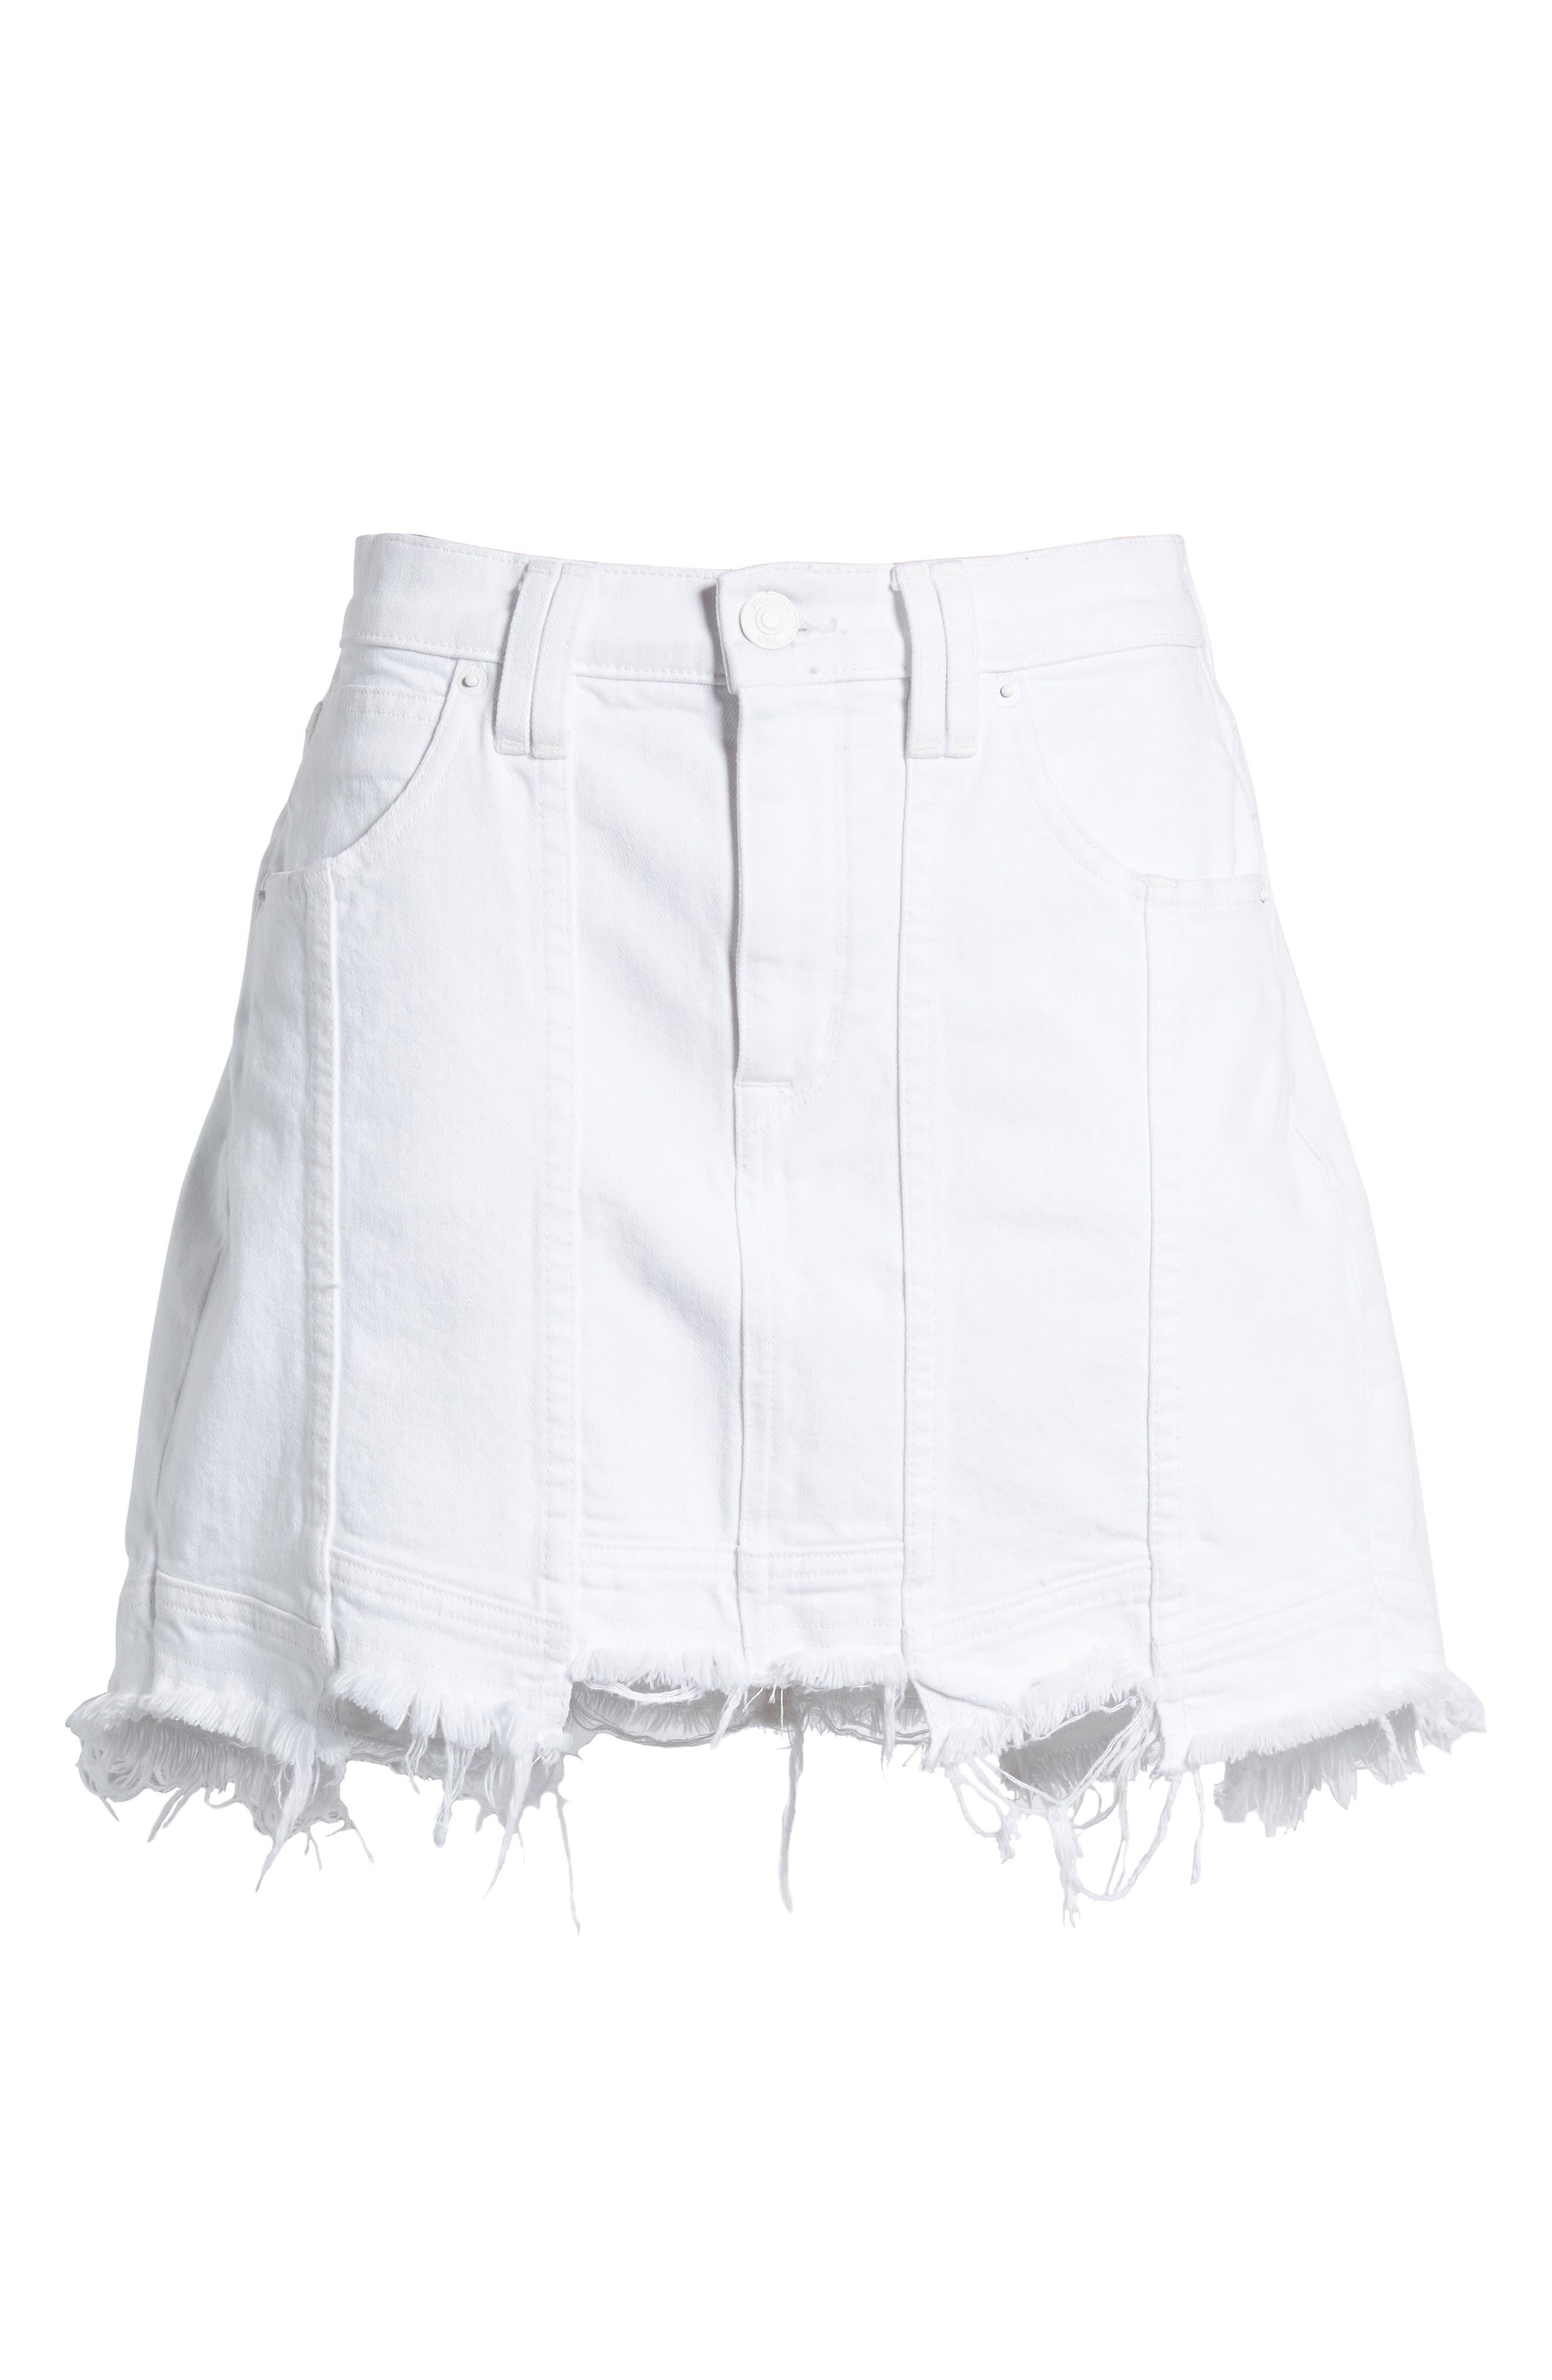 Raw Step Hem Denim Skirt,                             Alternate thumbnail 6, color,                             White